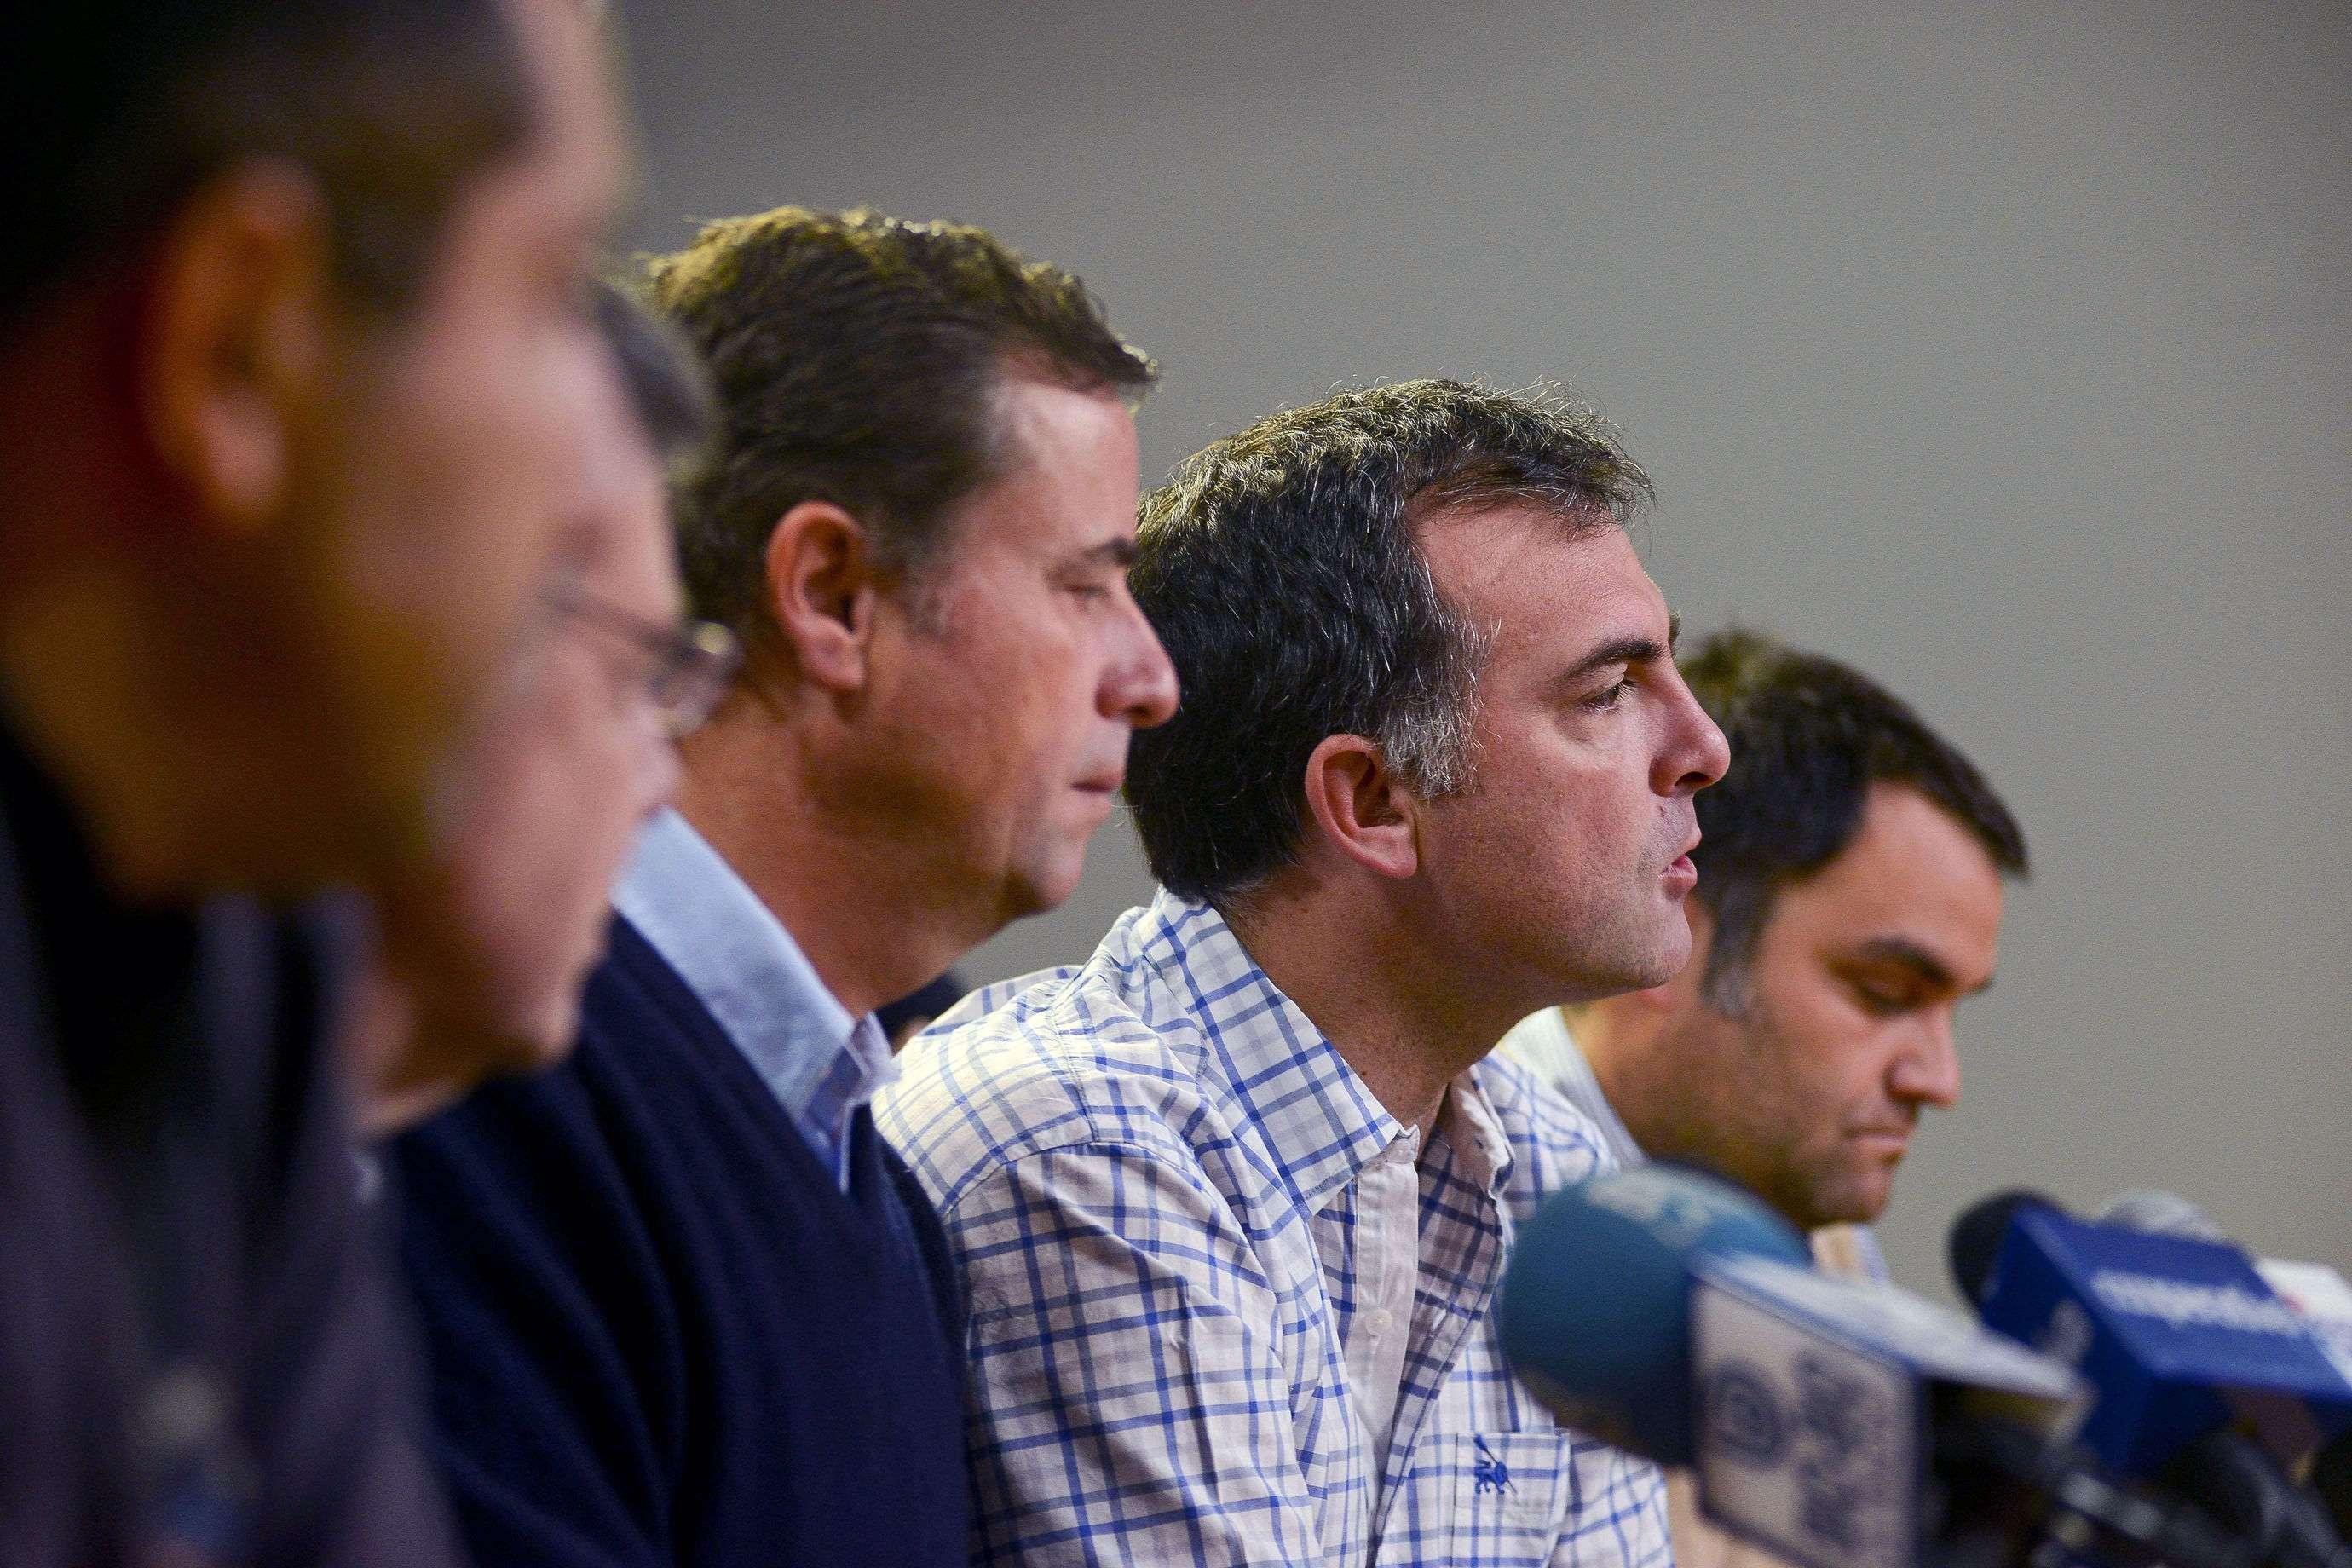 En la Sede UDI el diputado Ernesto Silva recibe apoyo público de destacados militantes gremialistas, en el marco de la competencia interna del partido. Foto: UPI